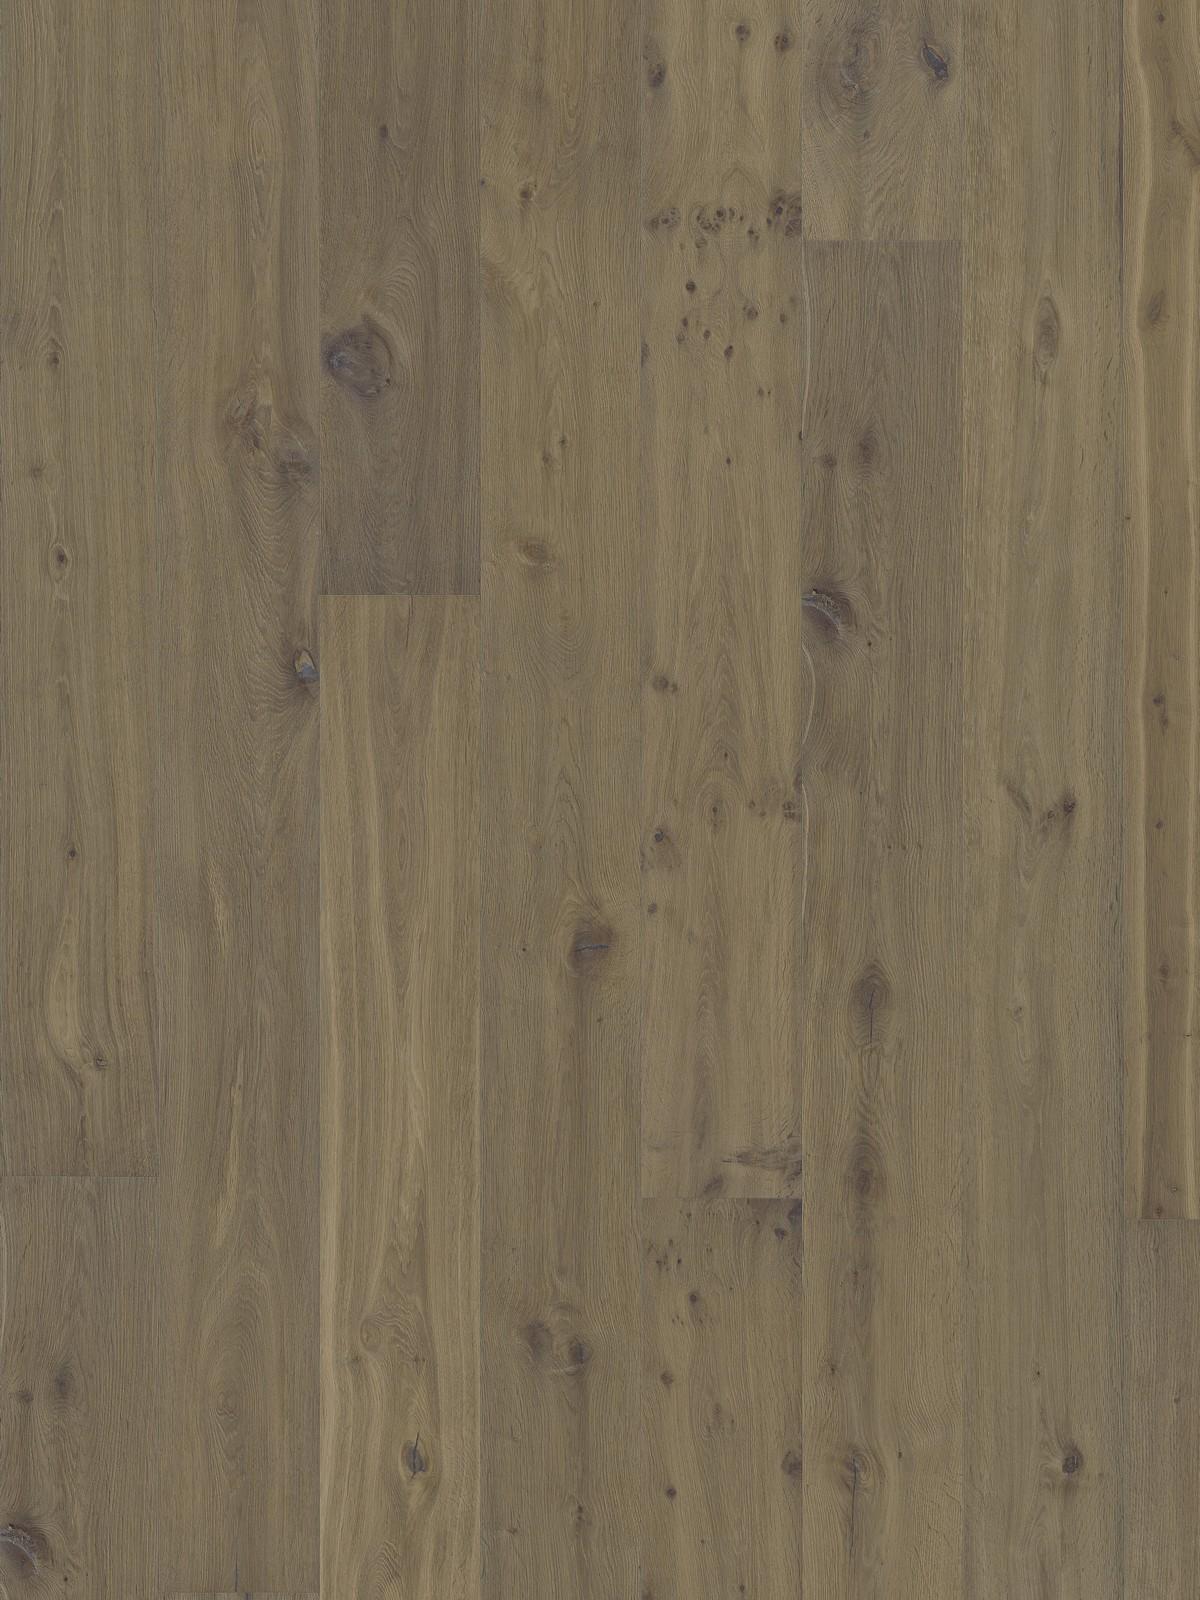 Parchet triplustratificat Stejar Ydre